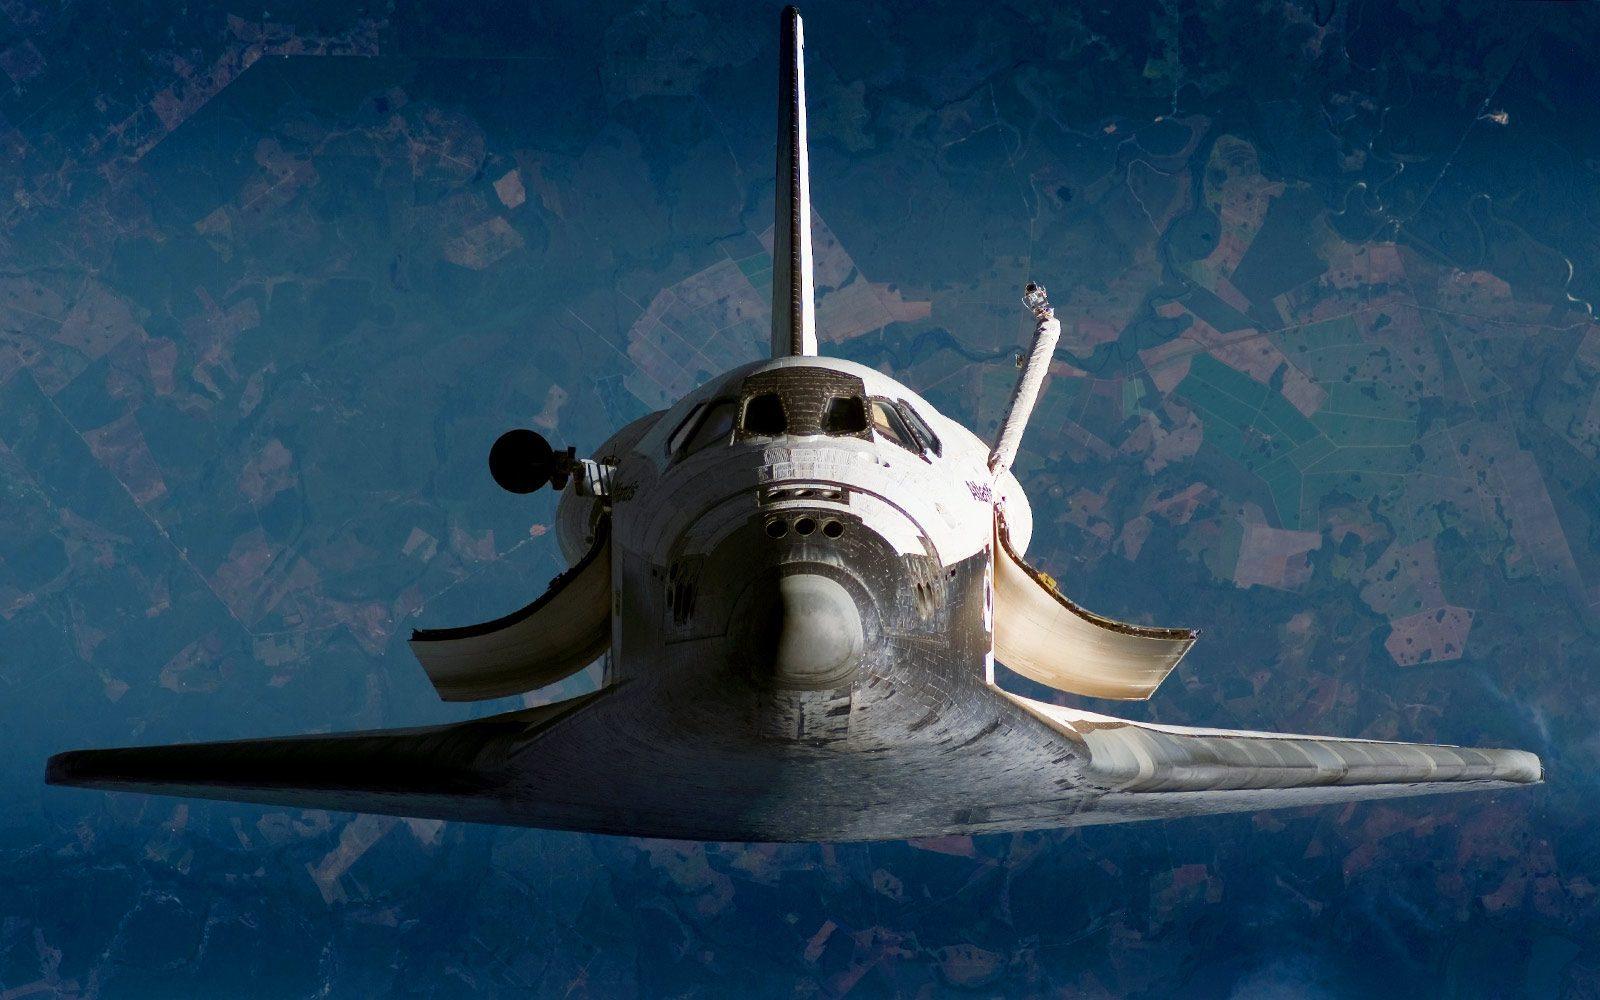 Space-Shuttle-Atlantis-2